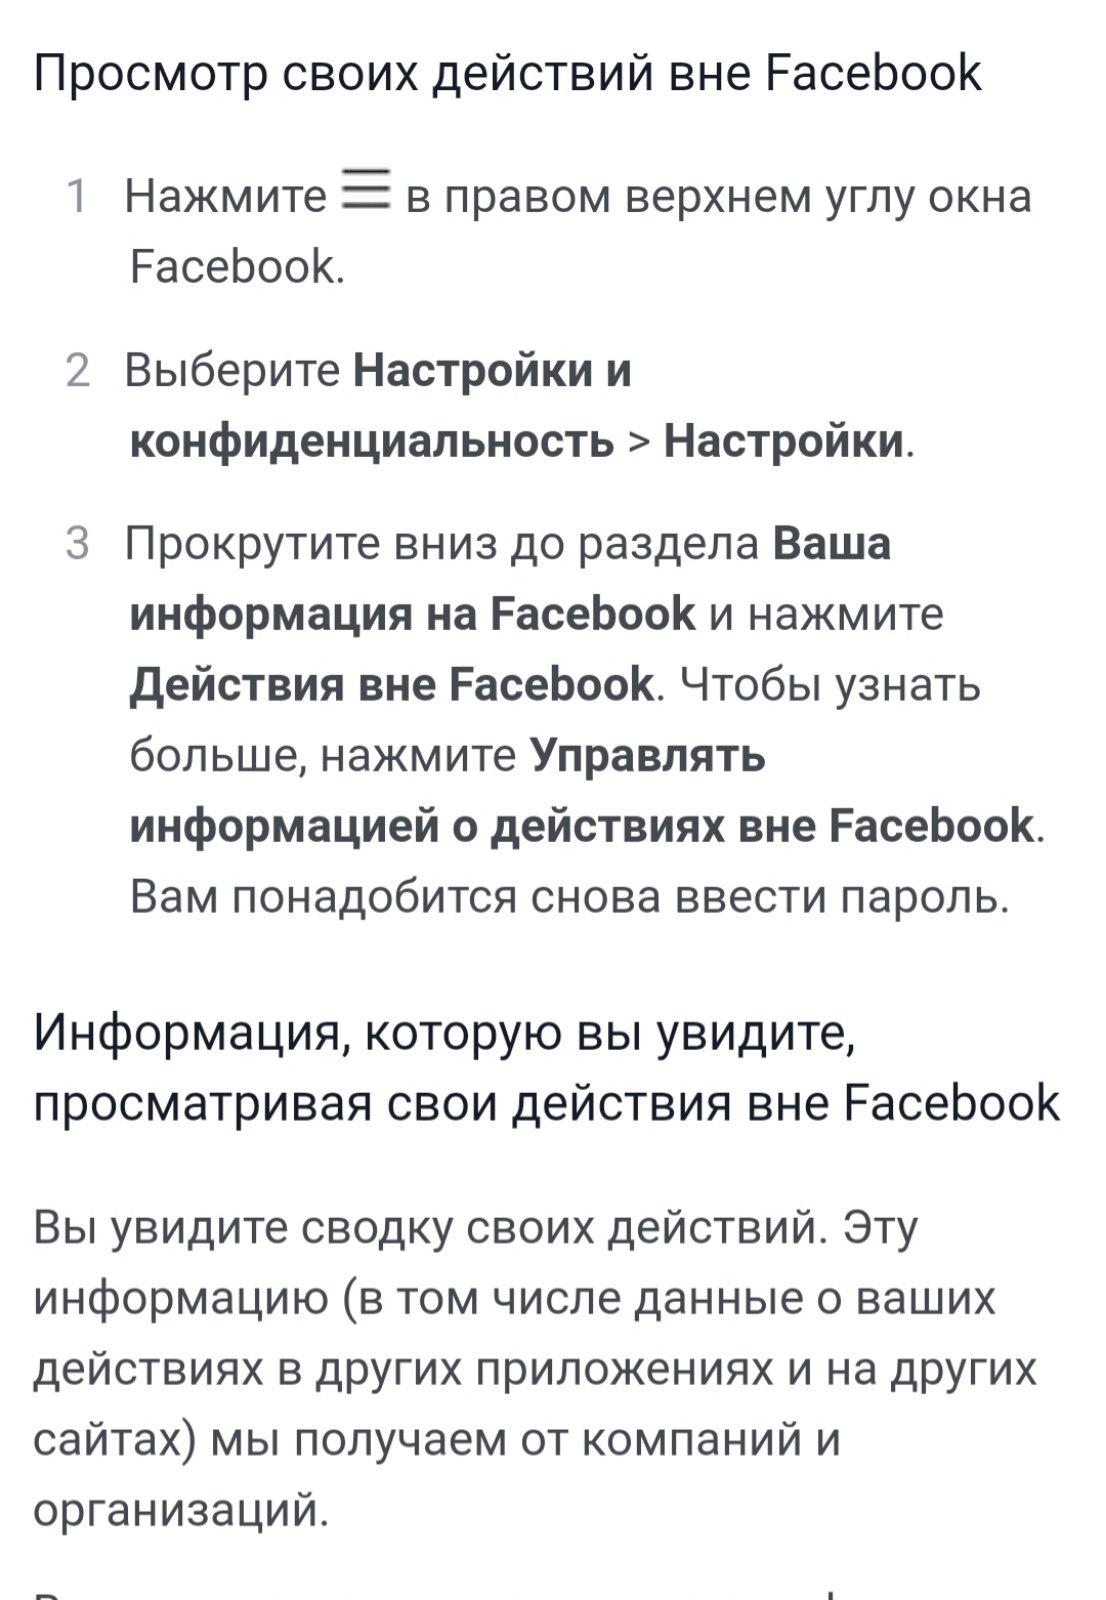 Как отключить отслеживание действий в Facebook